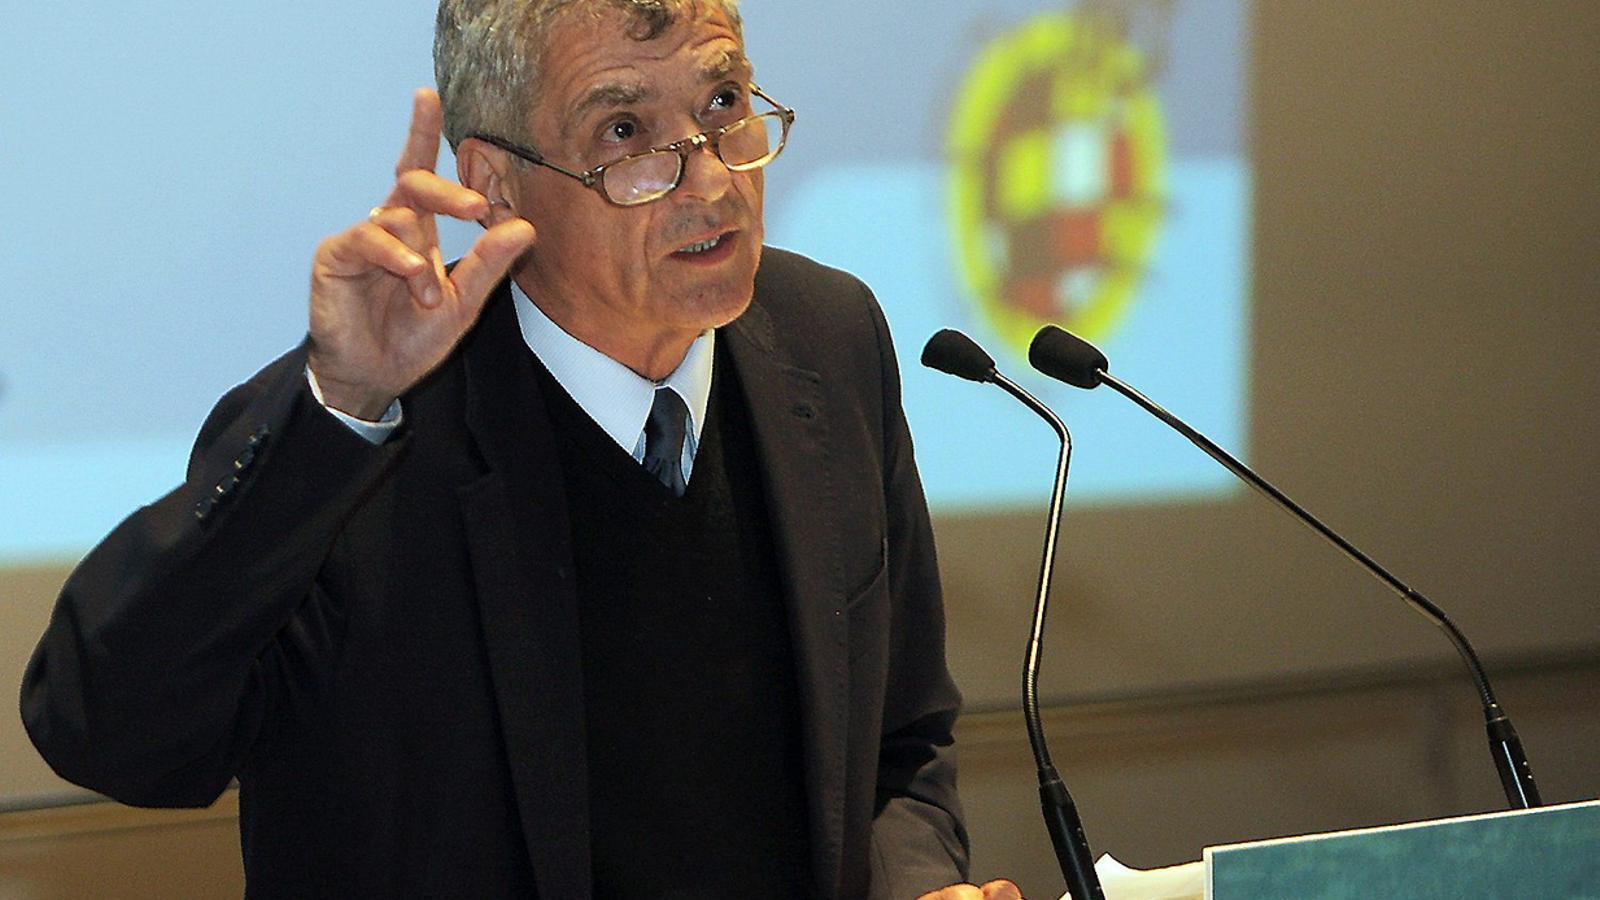 Ángel María Villar presideix la Reial Federació Espanyola de Futbol des del 1988